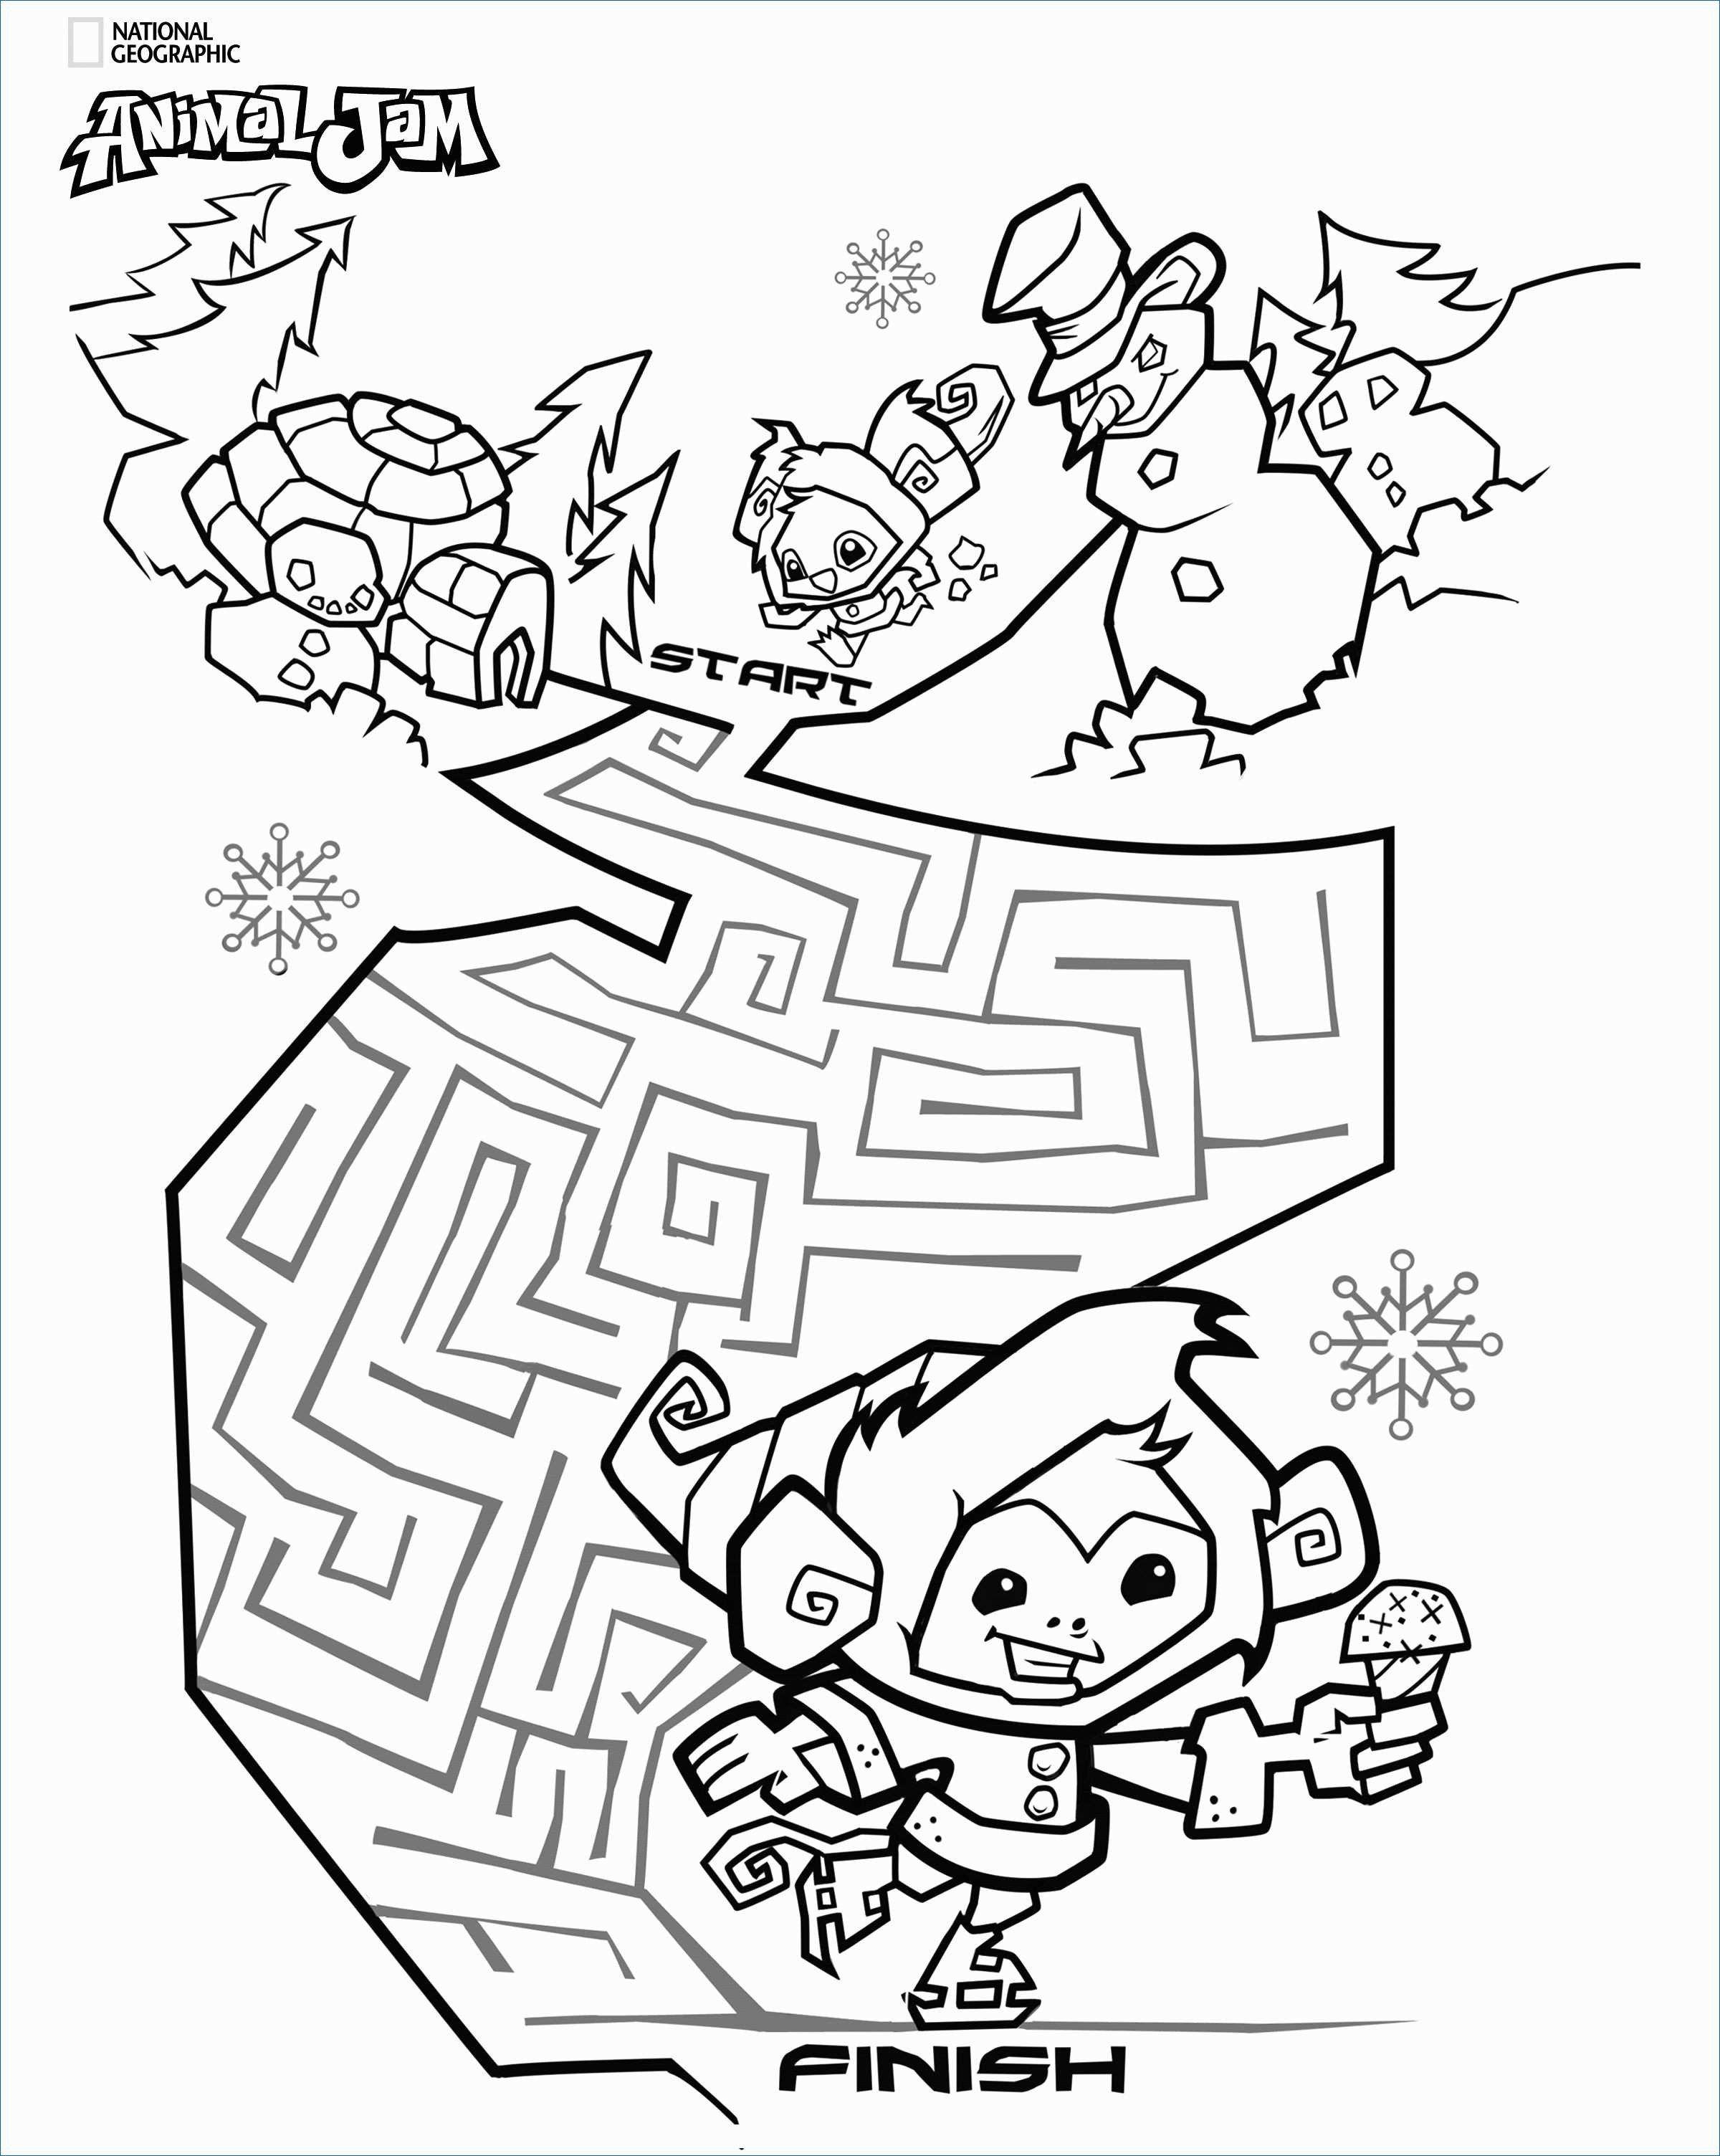 Animal Jam Coloring Pages Elegant Animal Jam Coloring Pages Superhero Coloring Pages Witch Coloring Pages Animal Jam